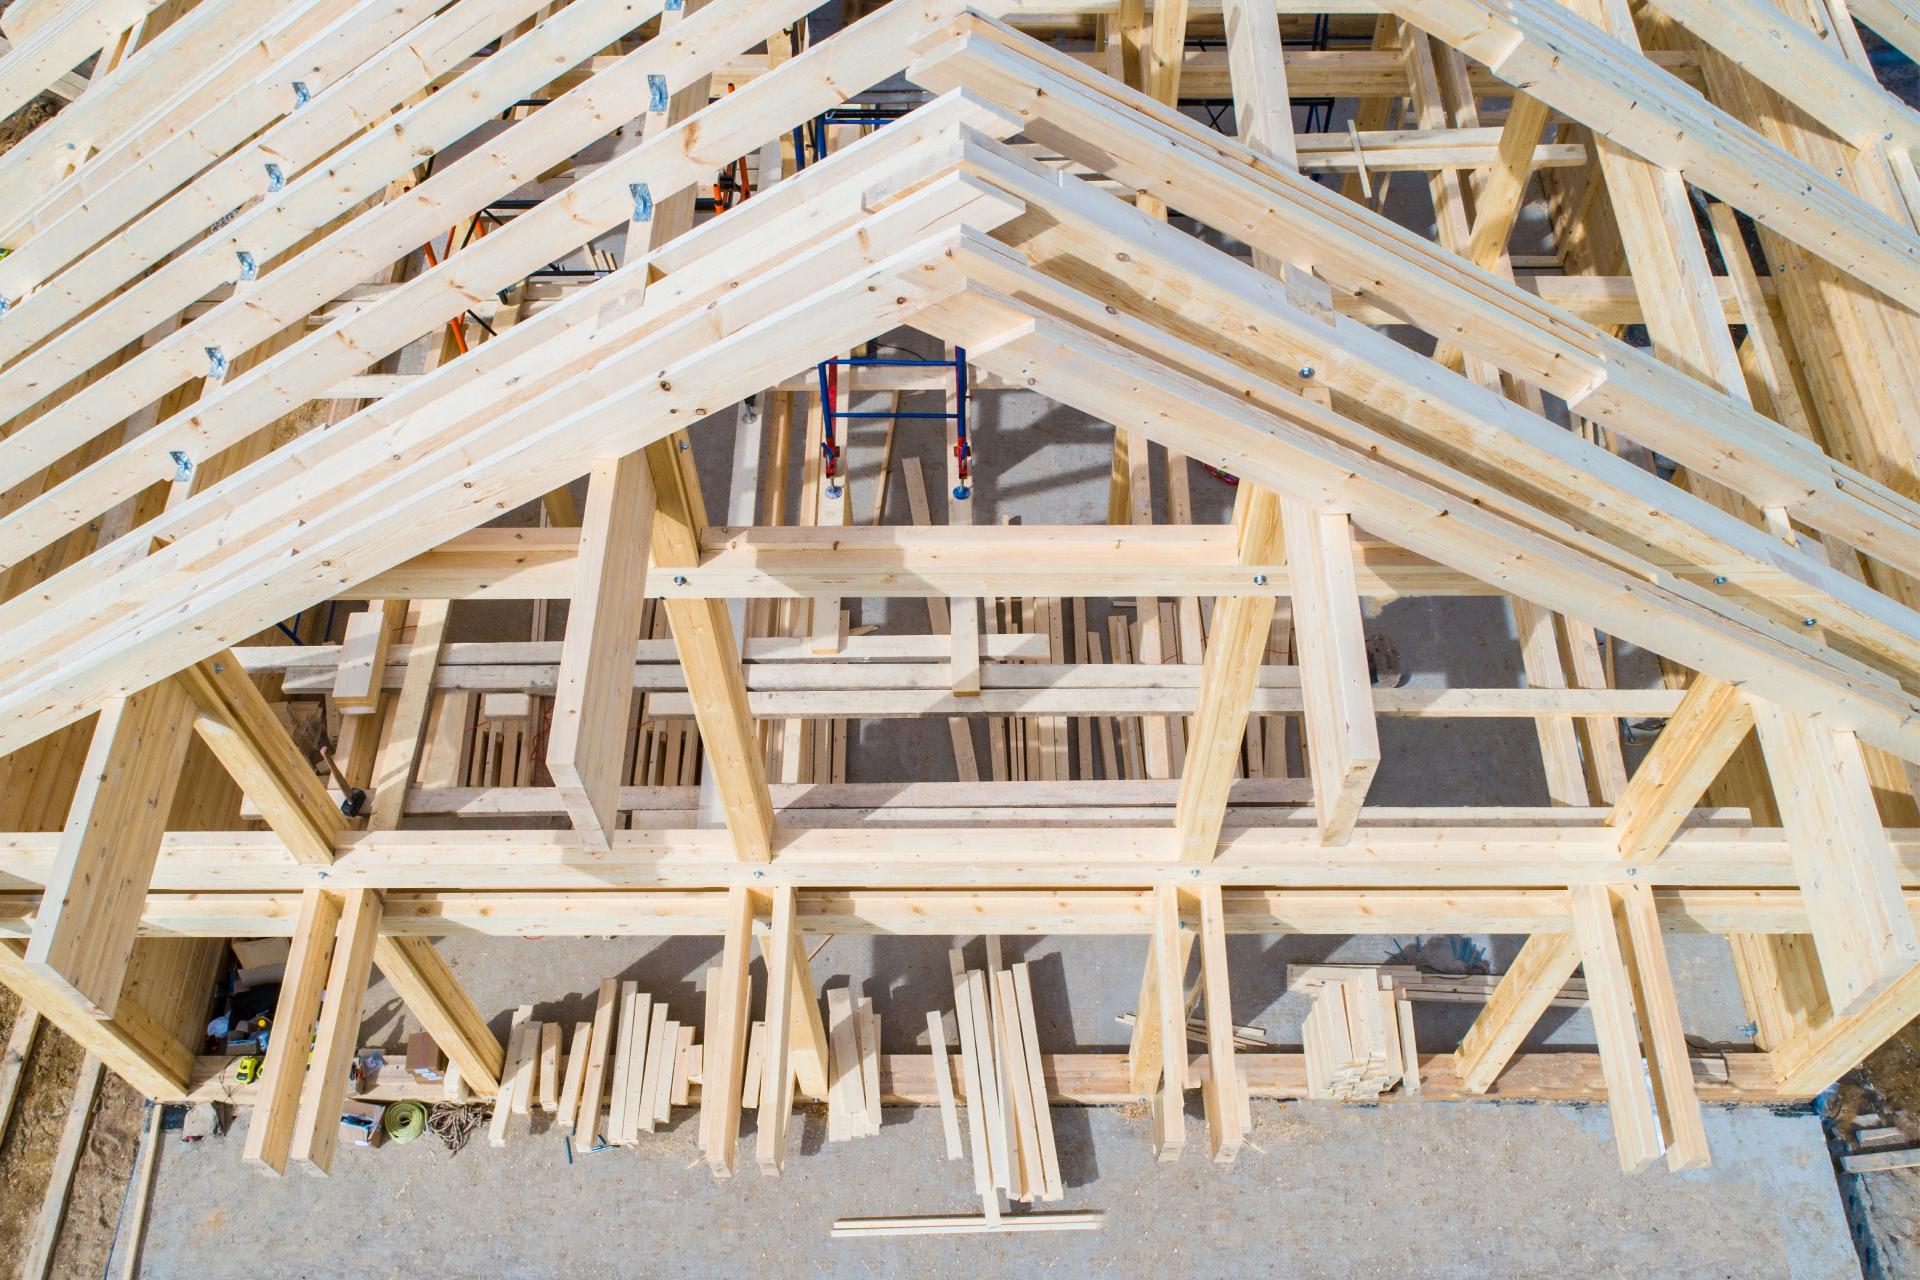 К технологиям деревянного домостроения сегодня относят клееный и массивный брус, бревно, каркасные (каркасно-панельные), фахверк-, сип-панели и т. д.